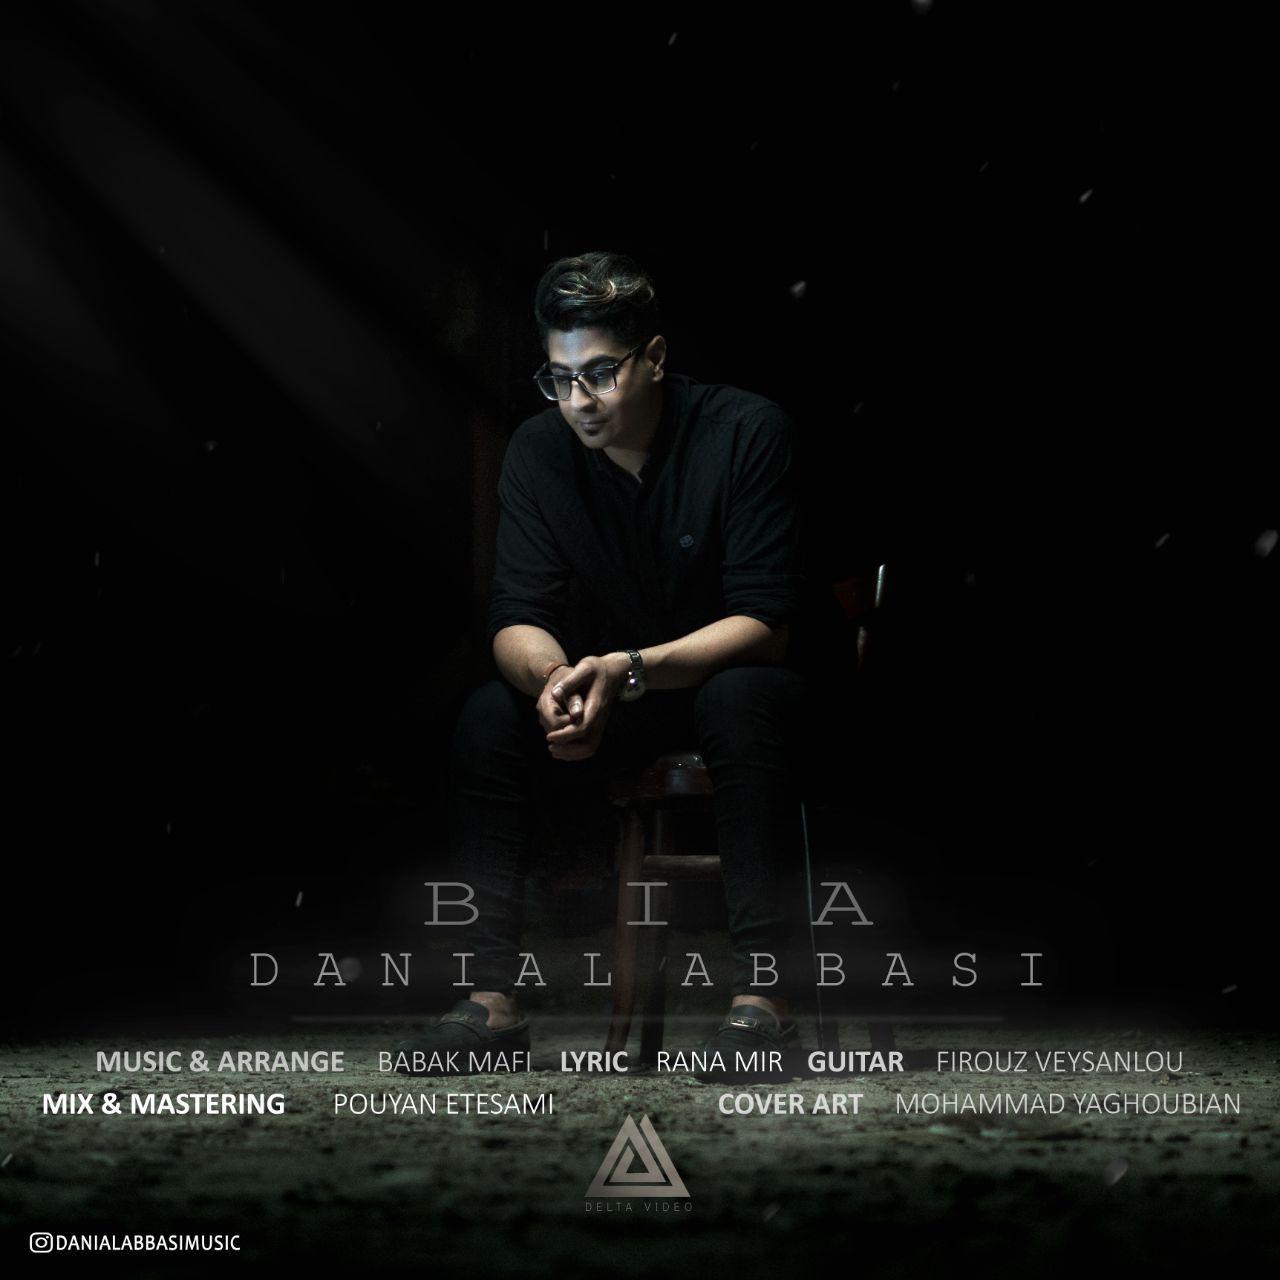 Danial Abbasi – Bia